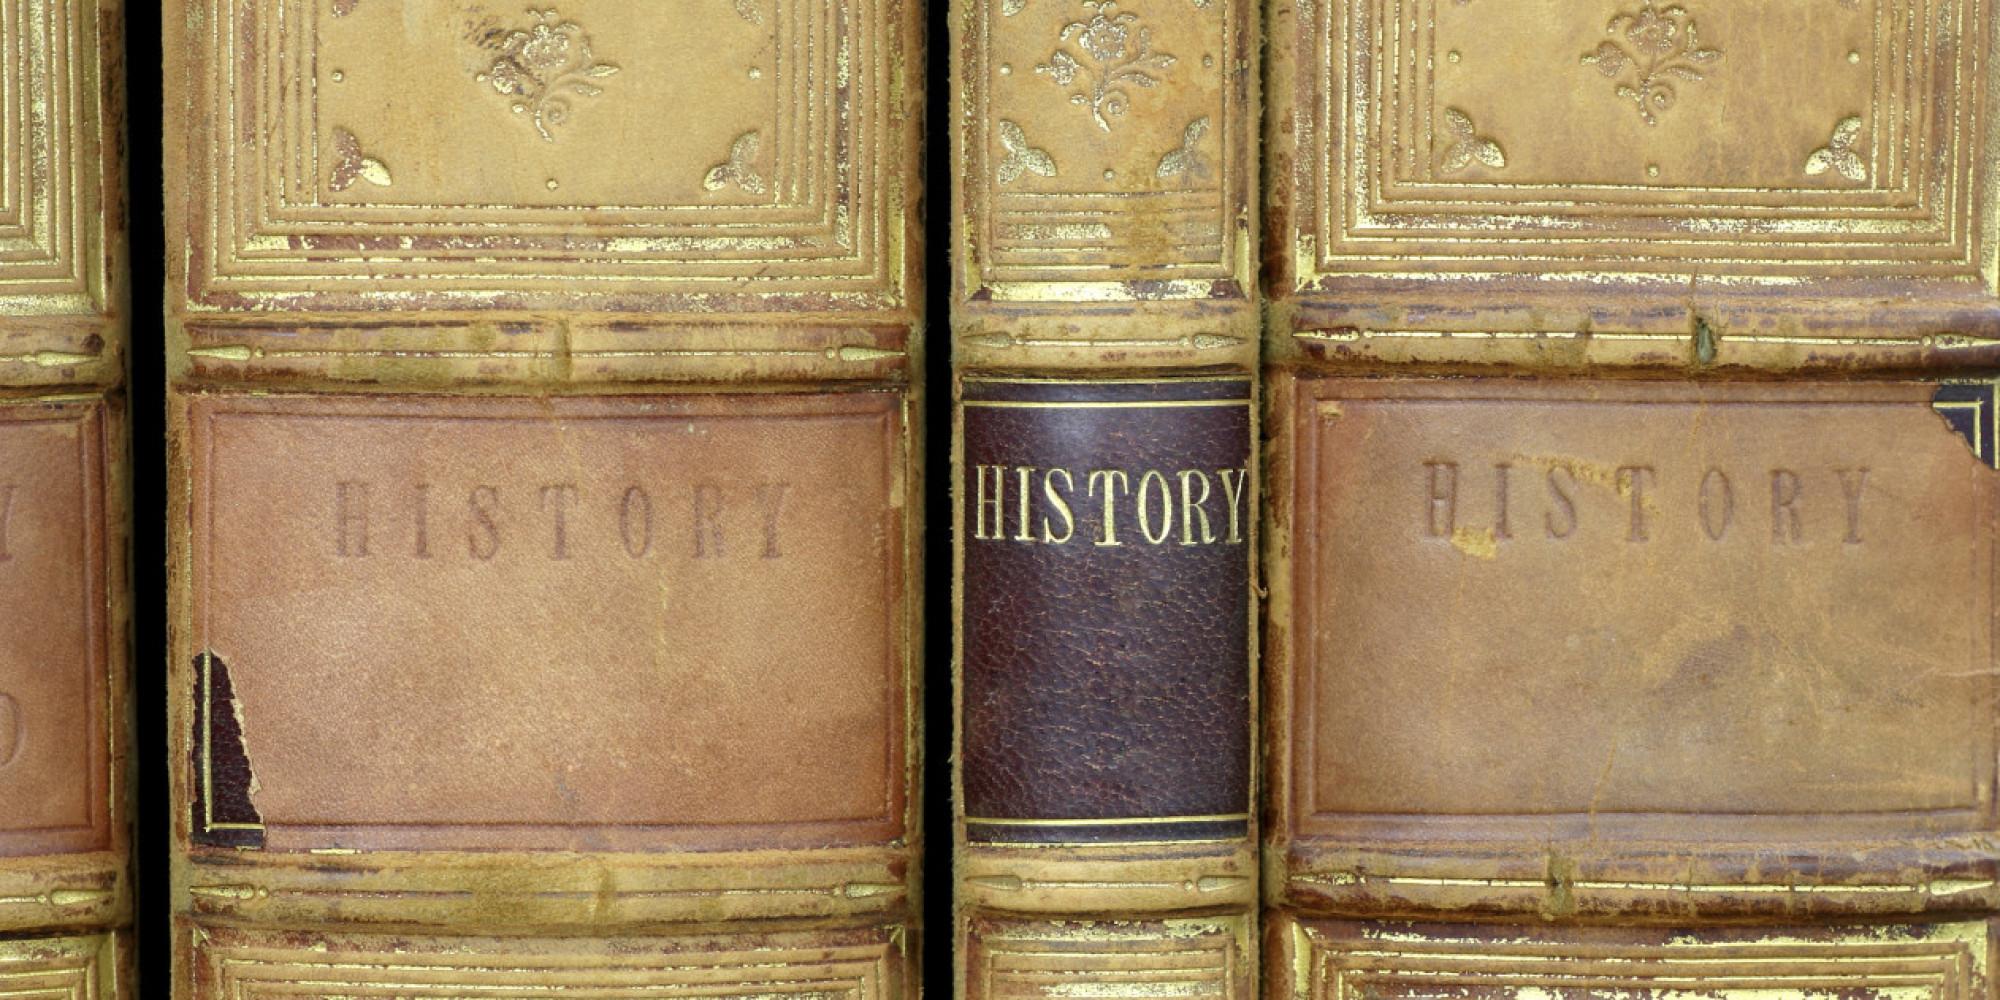 historia-copia